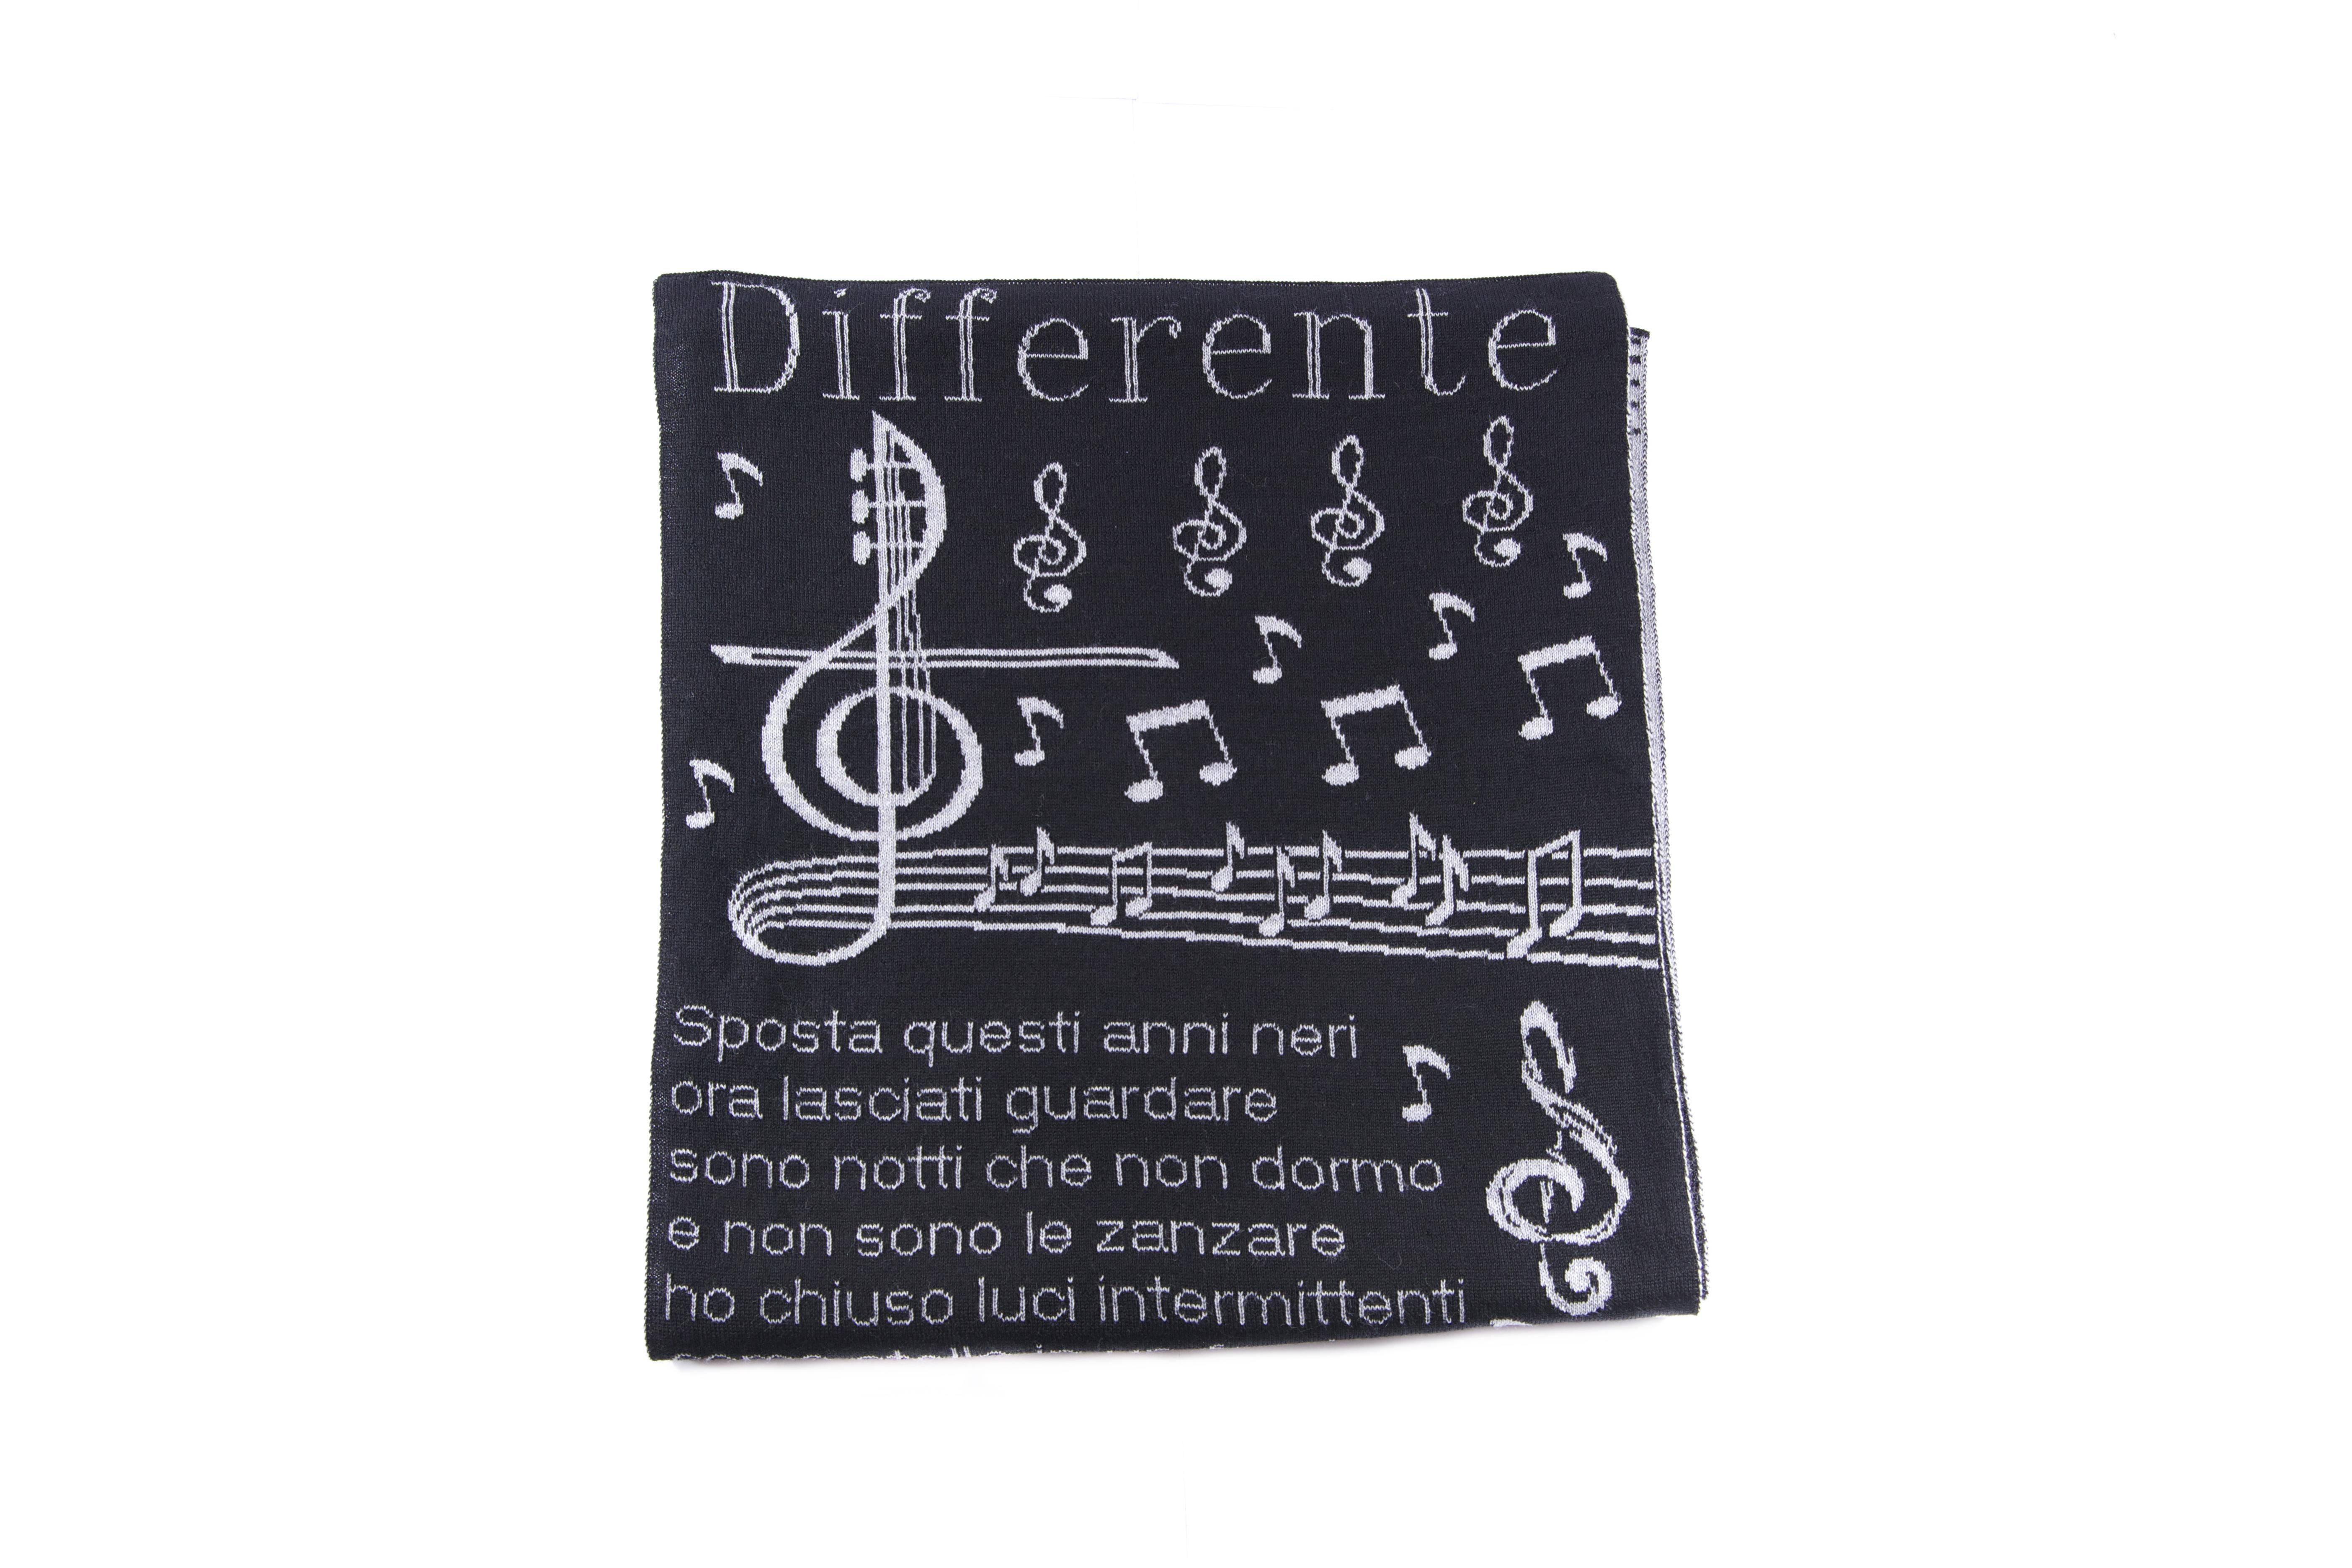 DIFFERENTE nero-grigio2